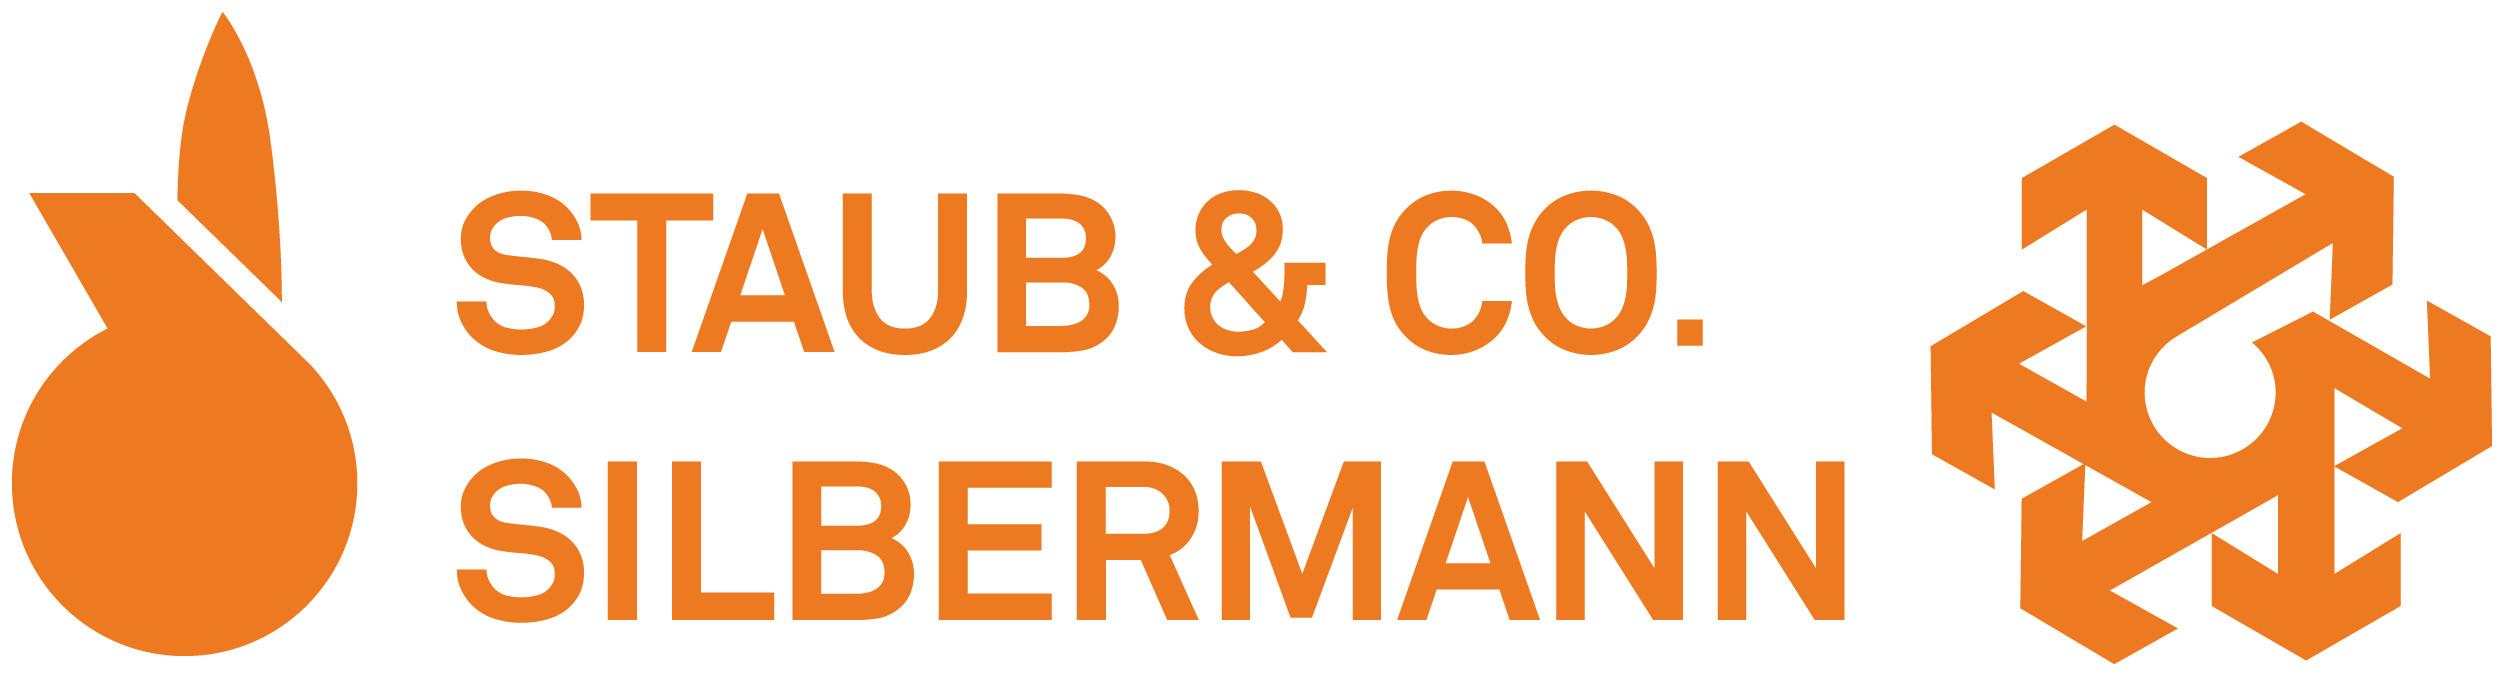 Staub & Co. - Silbermann GmbH